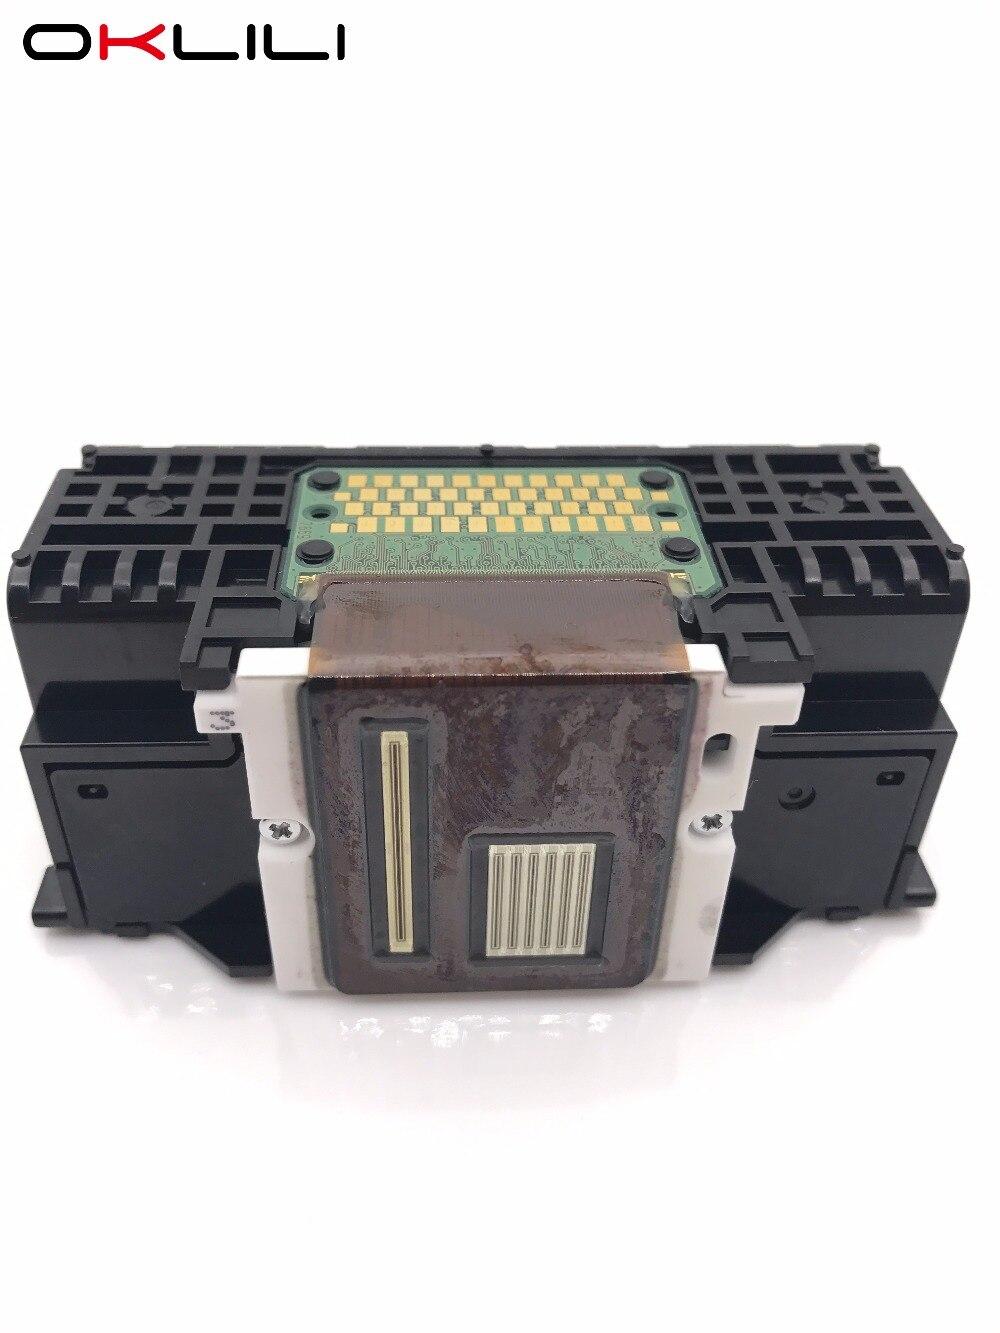 QY6-0082 cabeça de impressão da cabeça de impressão para canon mg5520 mg5540 mg5550 mg5650 mg5740 mg5750 mg6440 mg6600 mg6420 mg6450 mg6640 mg6650